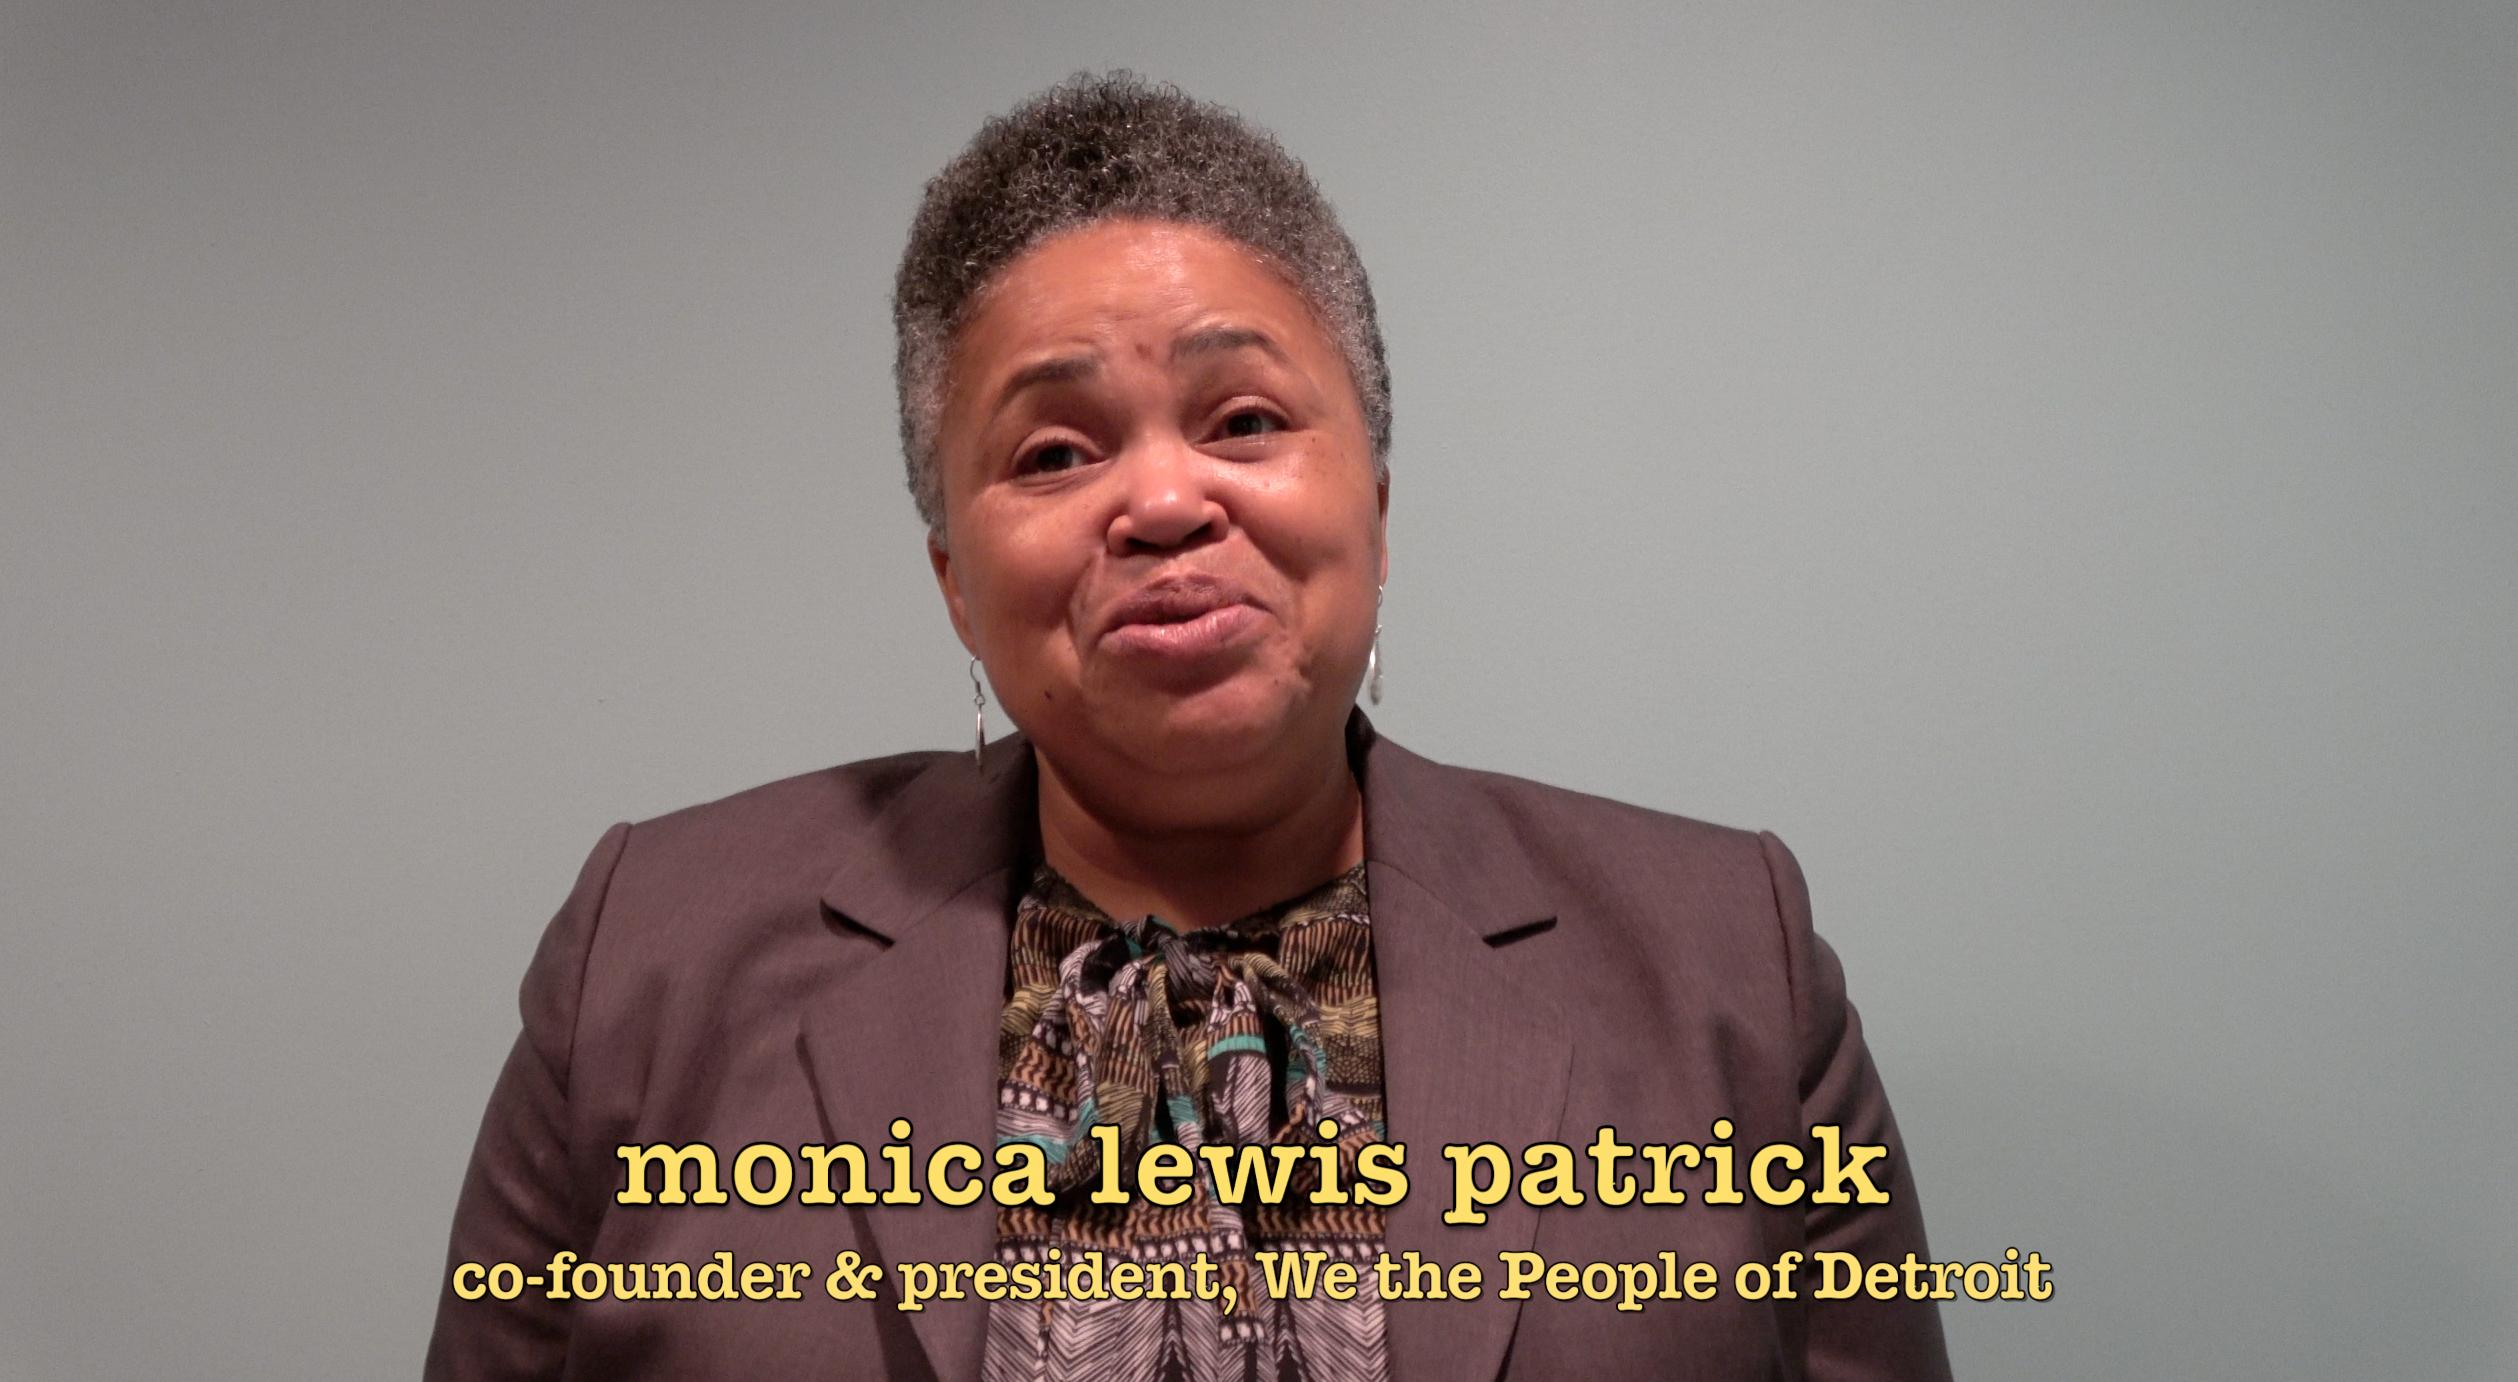 Monica Lewis Patrick